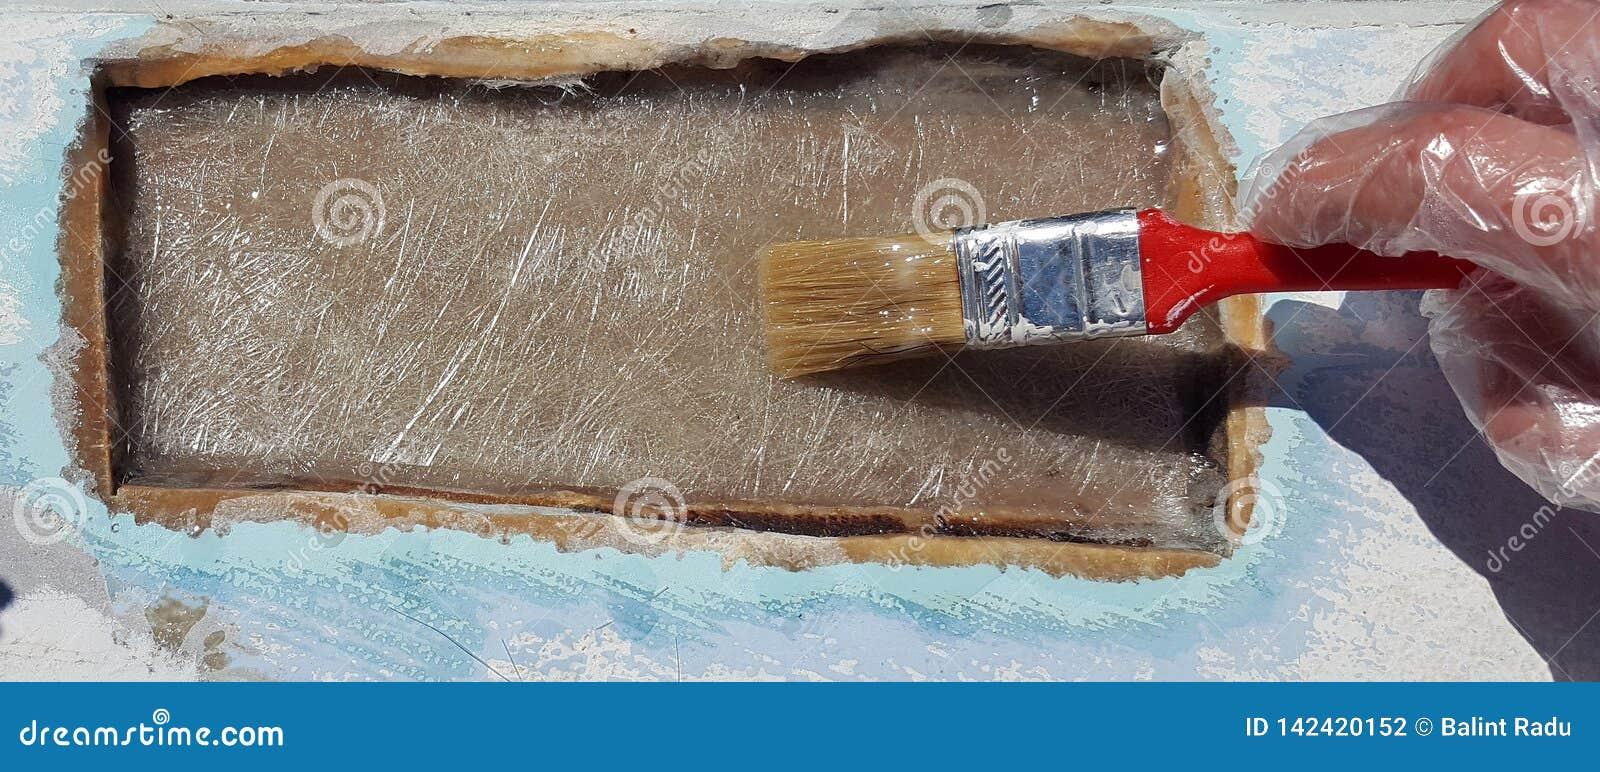 Un lavoratore sta applicando la resina per la riparazione del foro